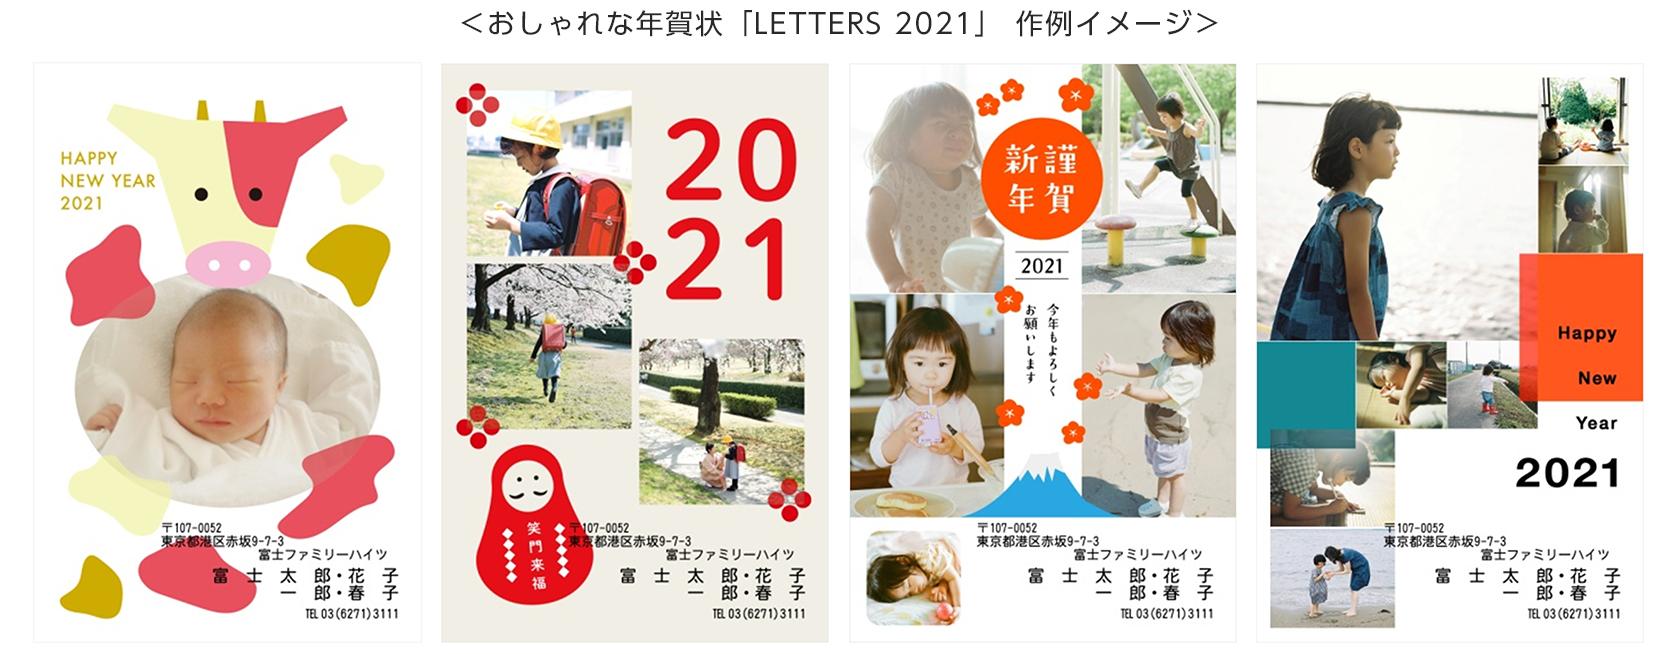 [画像]おしゃれな年賀状「LETTERS 2021」 作例イメージ